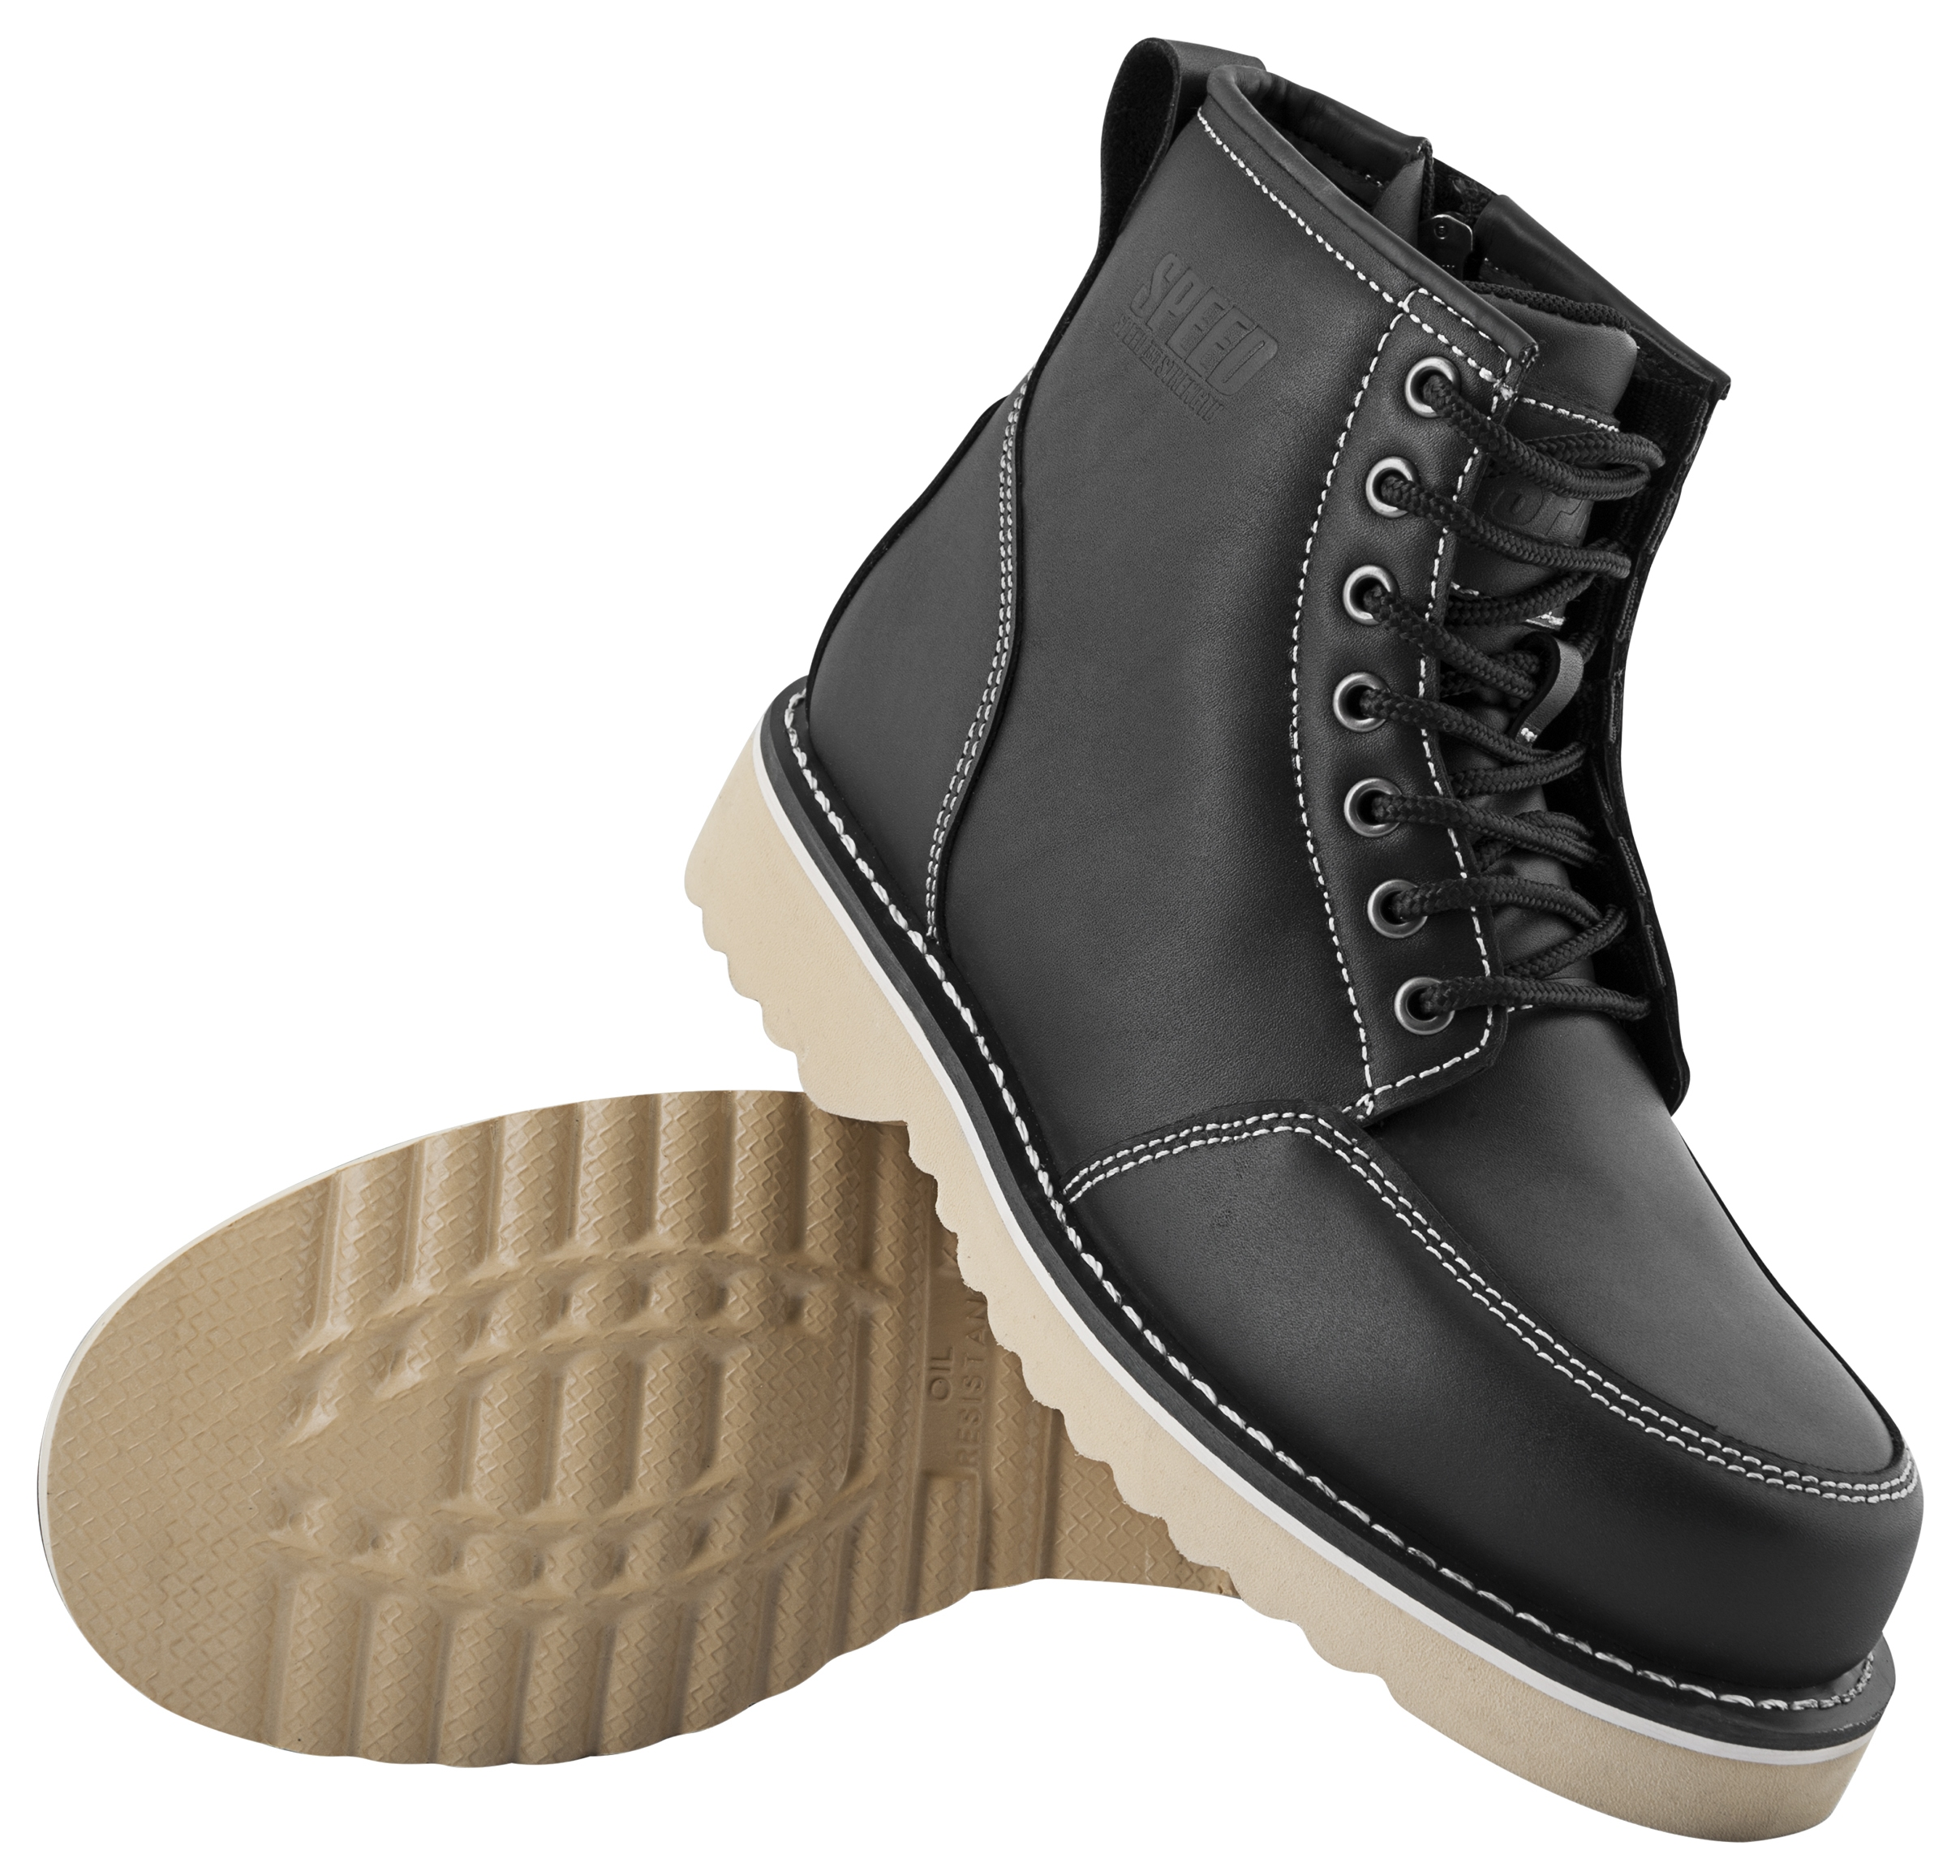 S&S Overhaul Boots